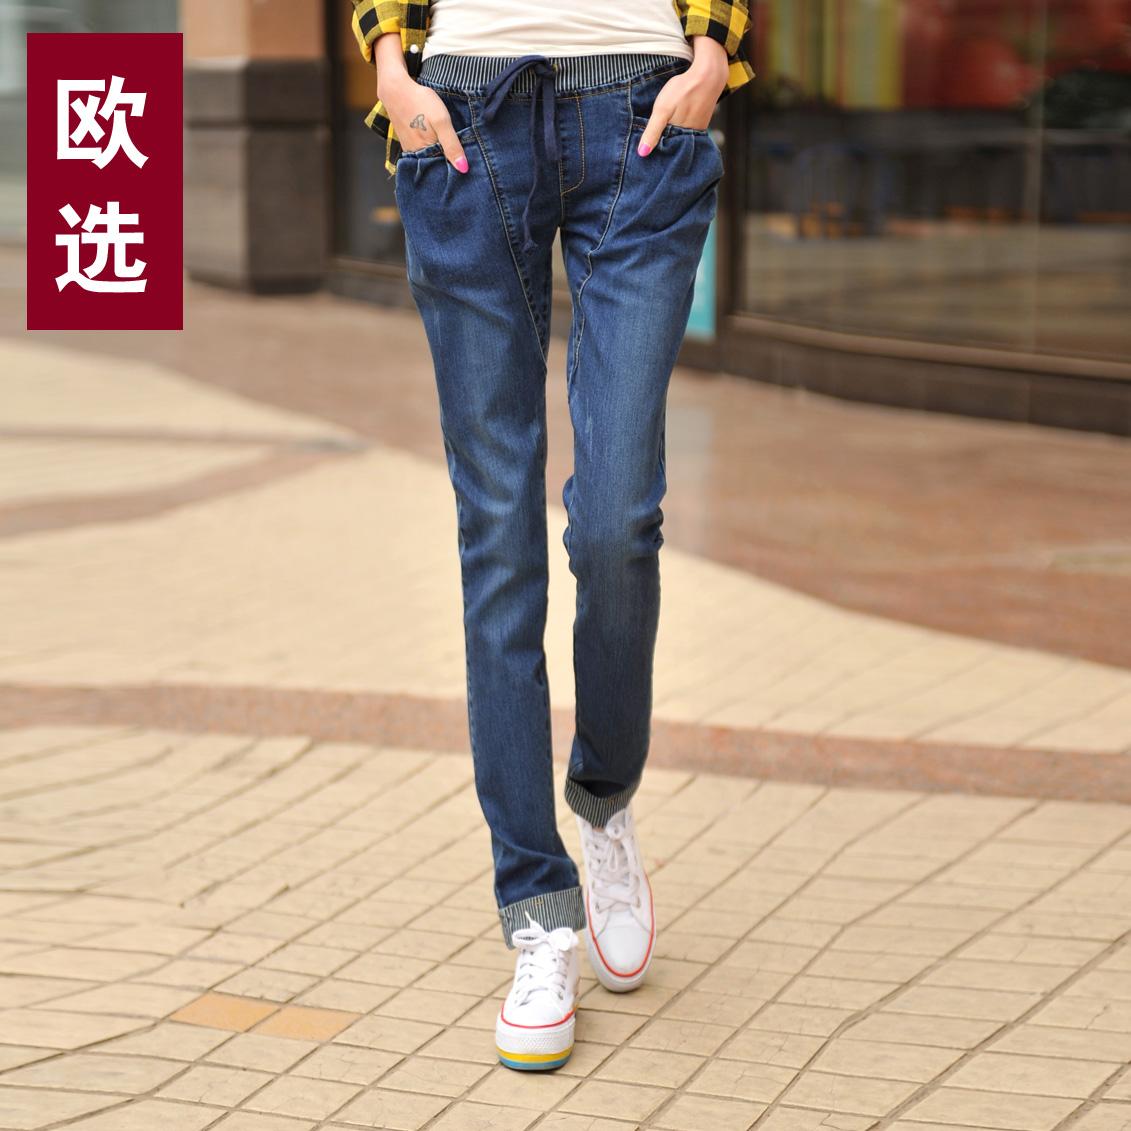 2013秋新款女哈伦牛仔裤女宽松韩版潮显瘦松紧腰卷边弹力小脚裤 价格:88.00